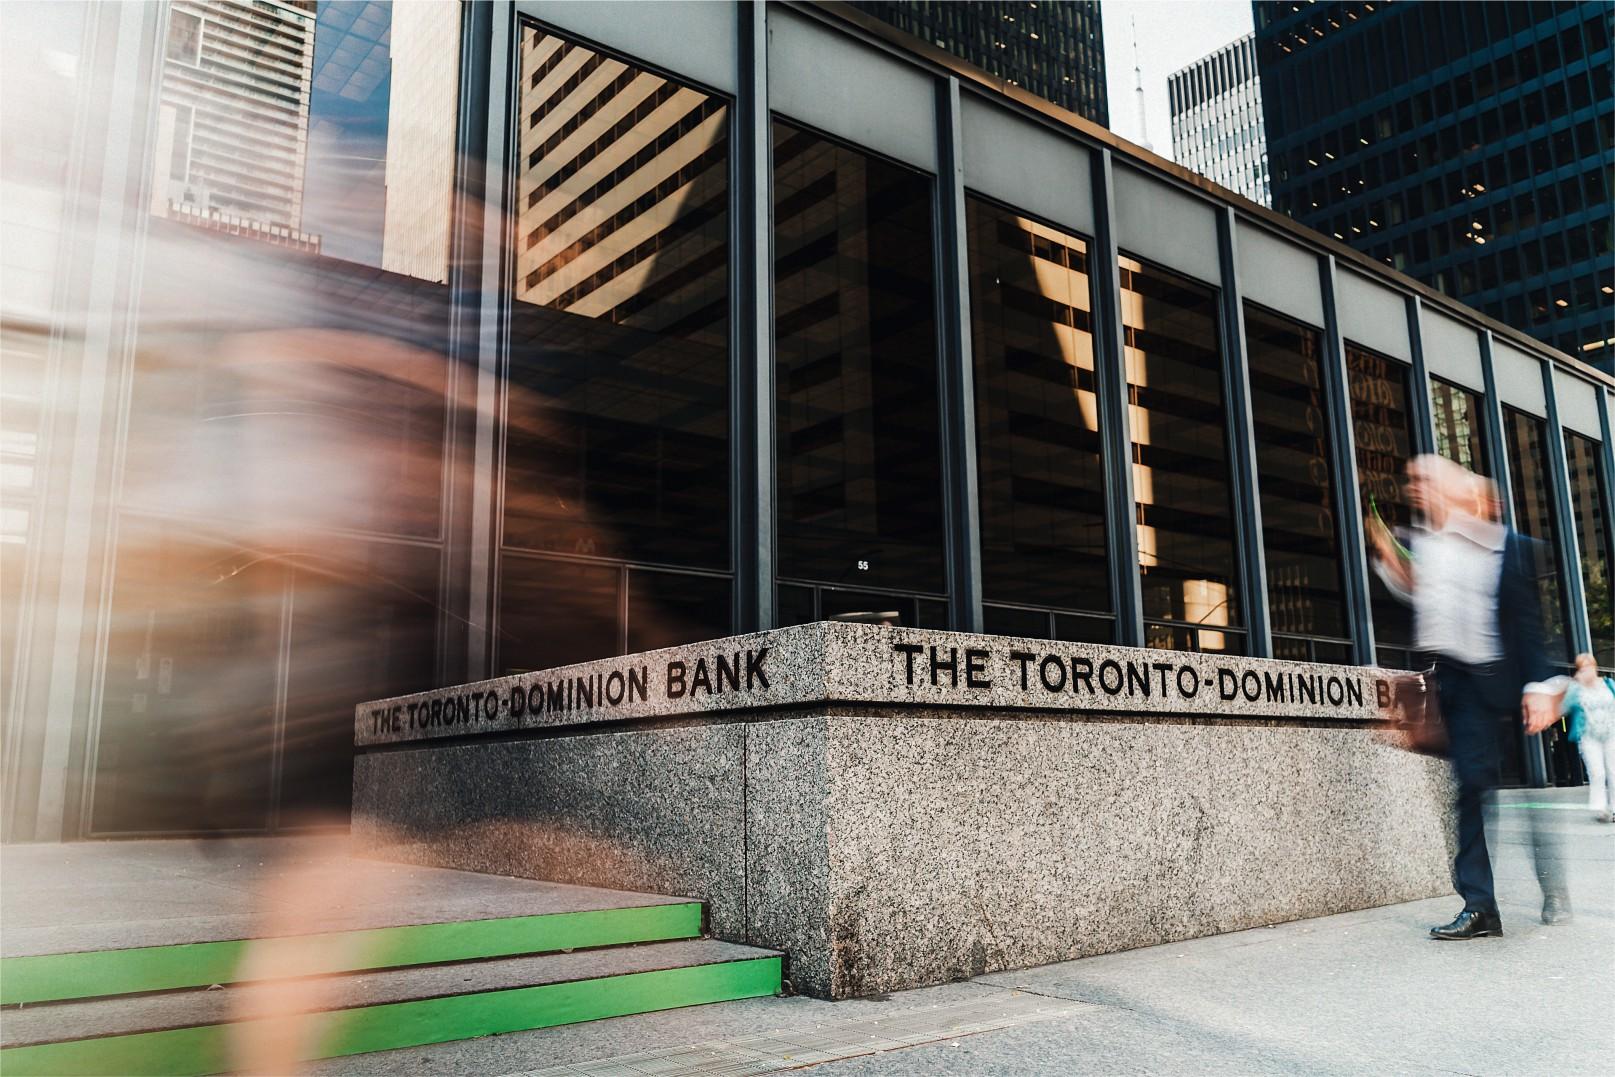 Sztuczna inteligencja w bankowości: biznes bez ryzyka? - Ekspert Microsoft o europejskich pieniądzach, zaufaniu do instytucji finansowych i jaki wpływ na to wszystko mogą mieć rozwiązania oparte o AI.